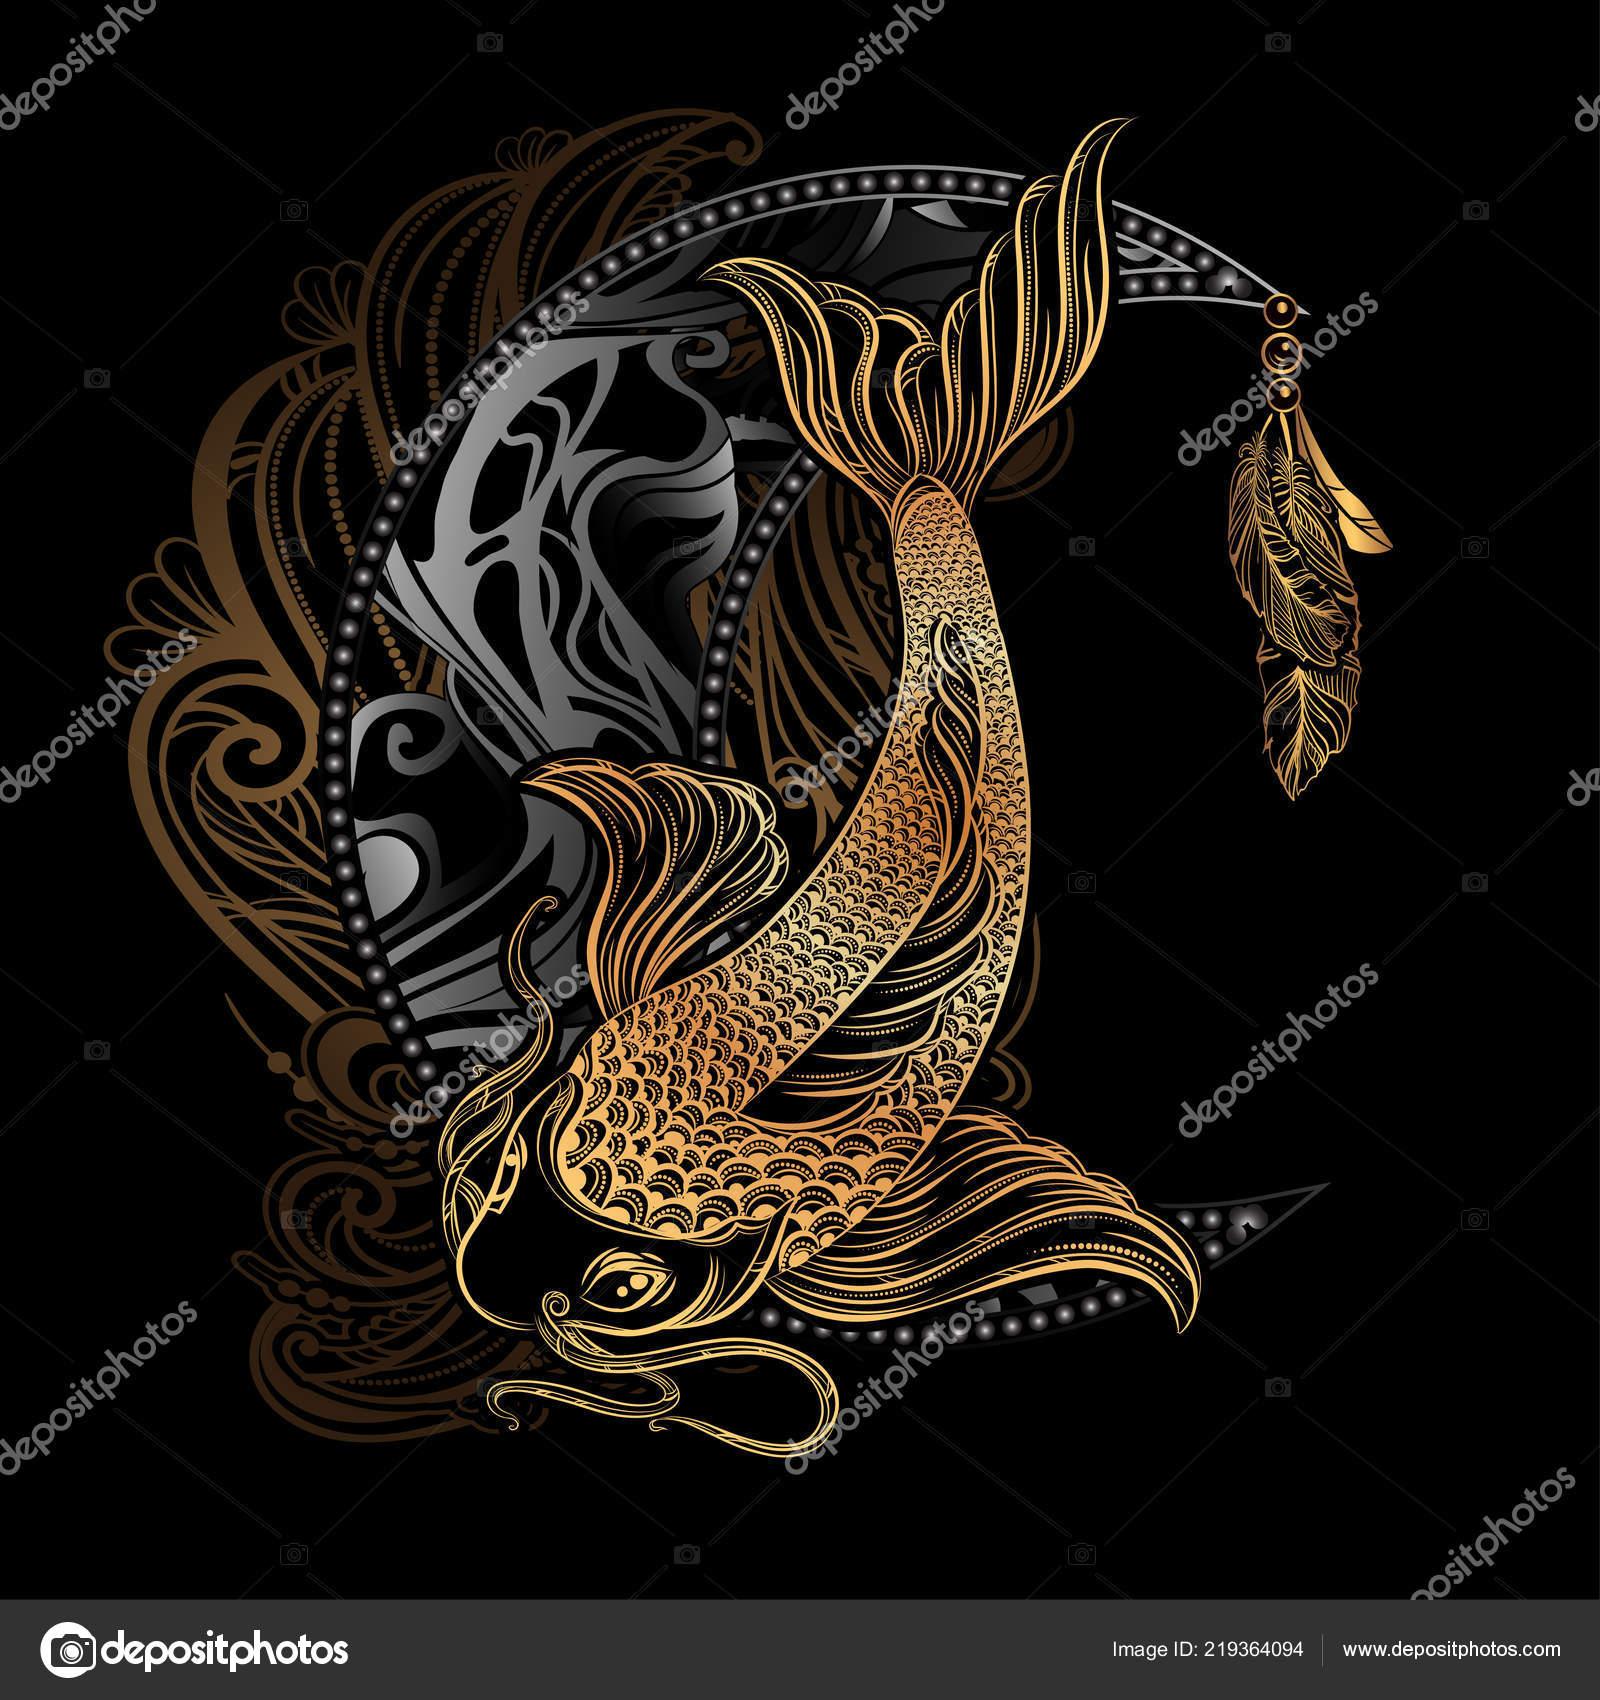 Ázsiai szex szimbólum